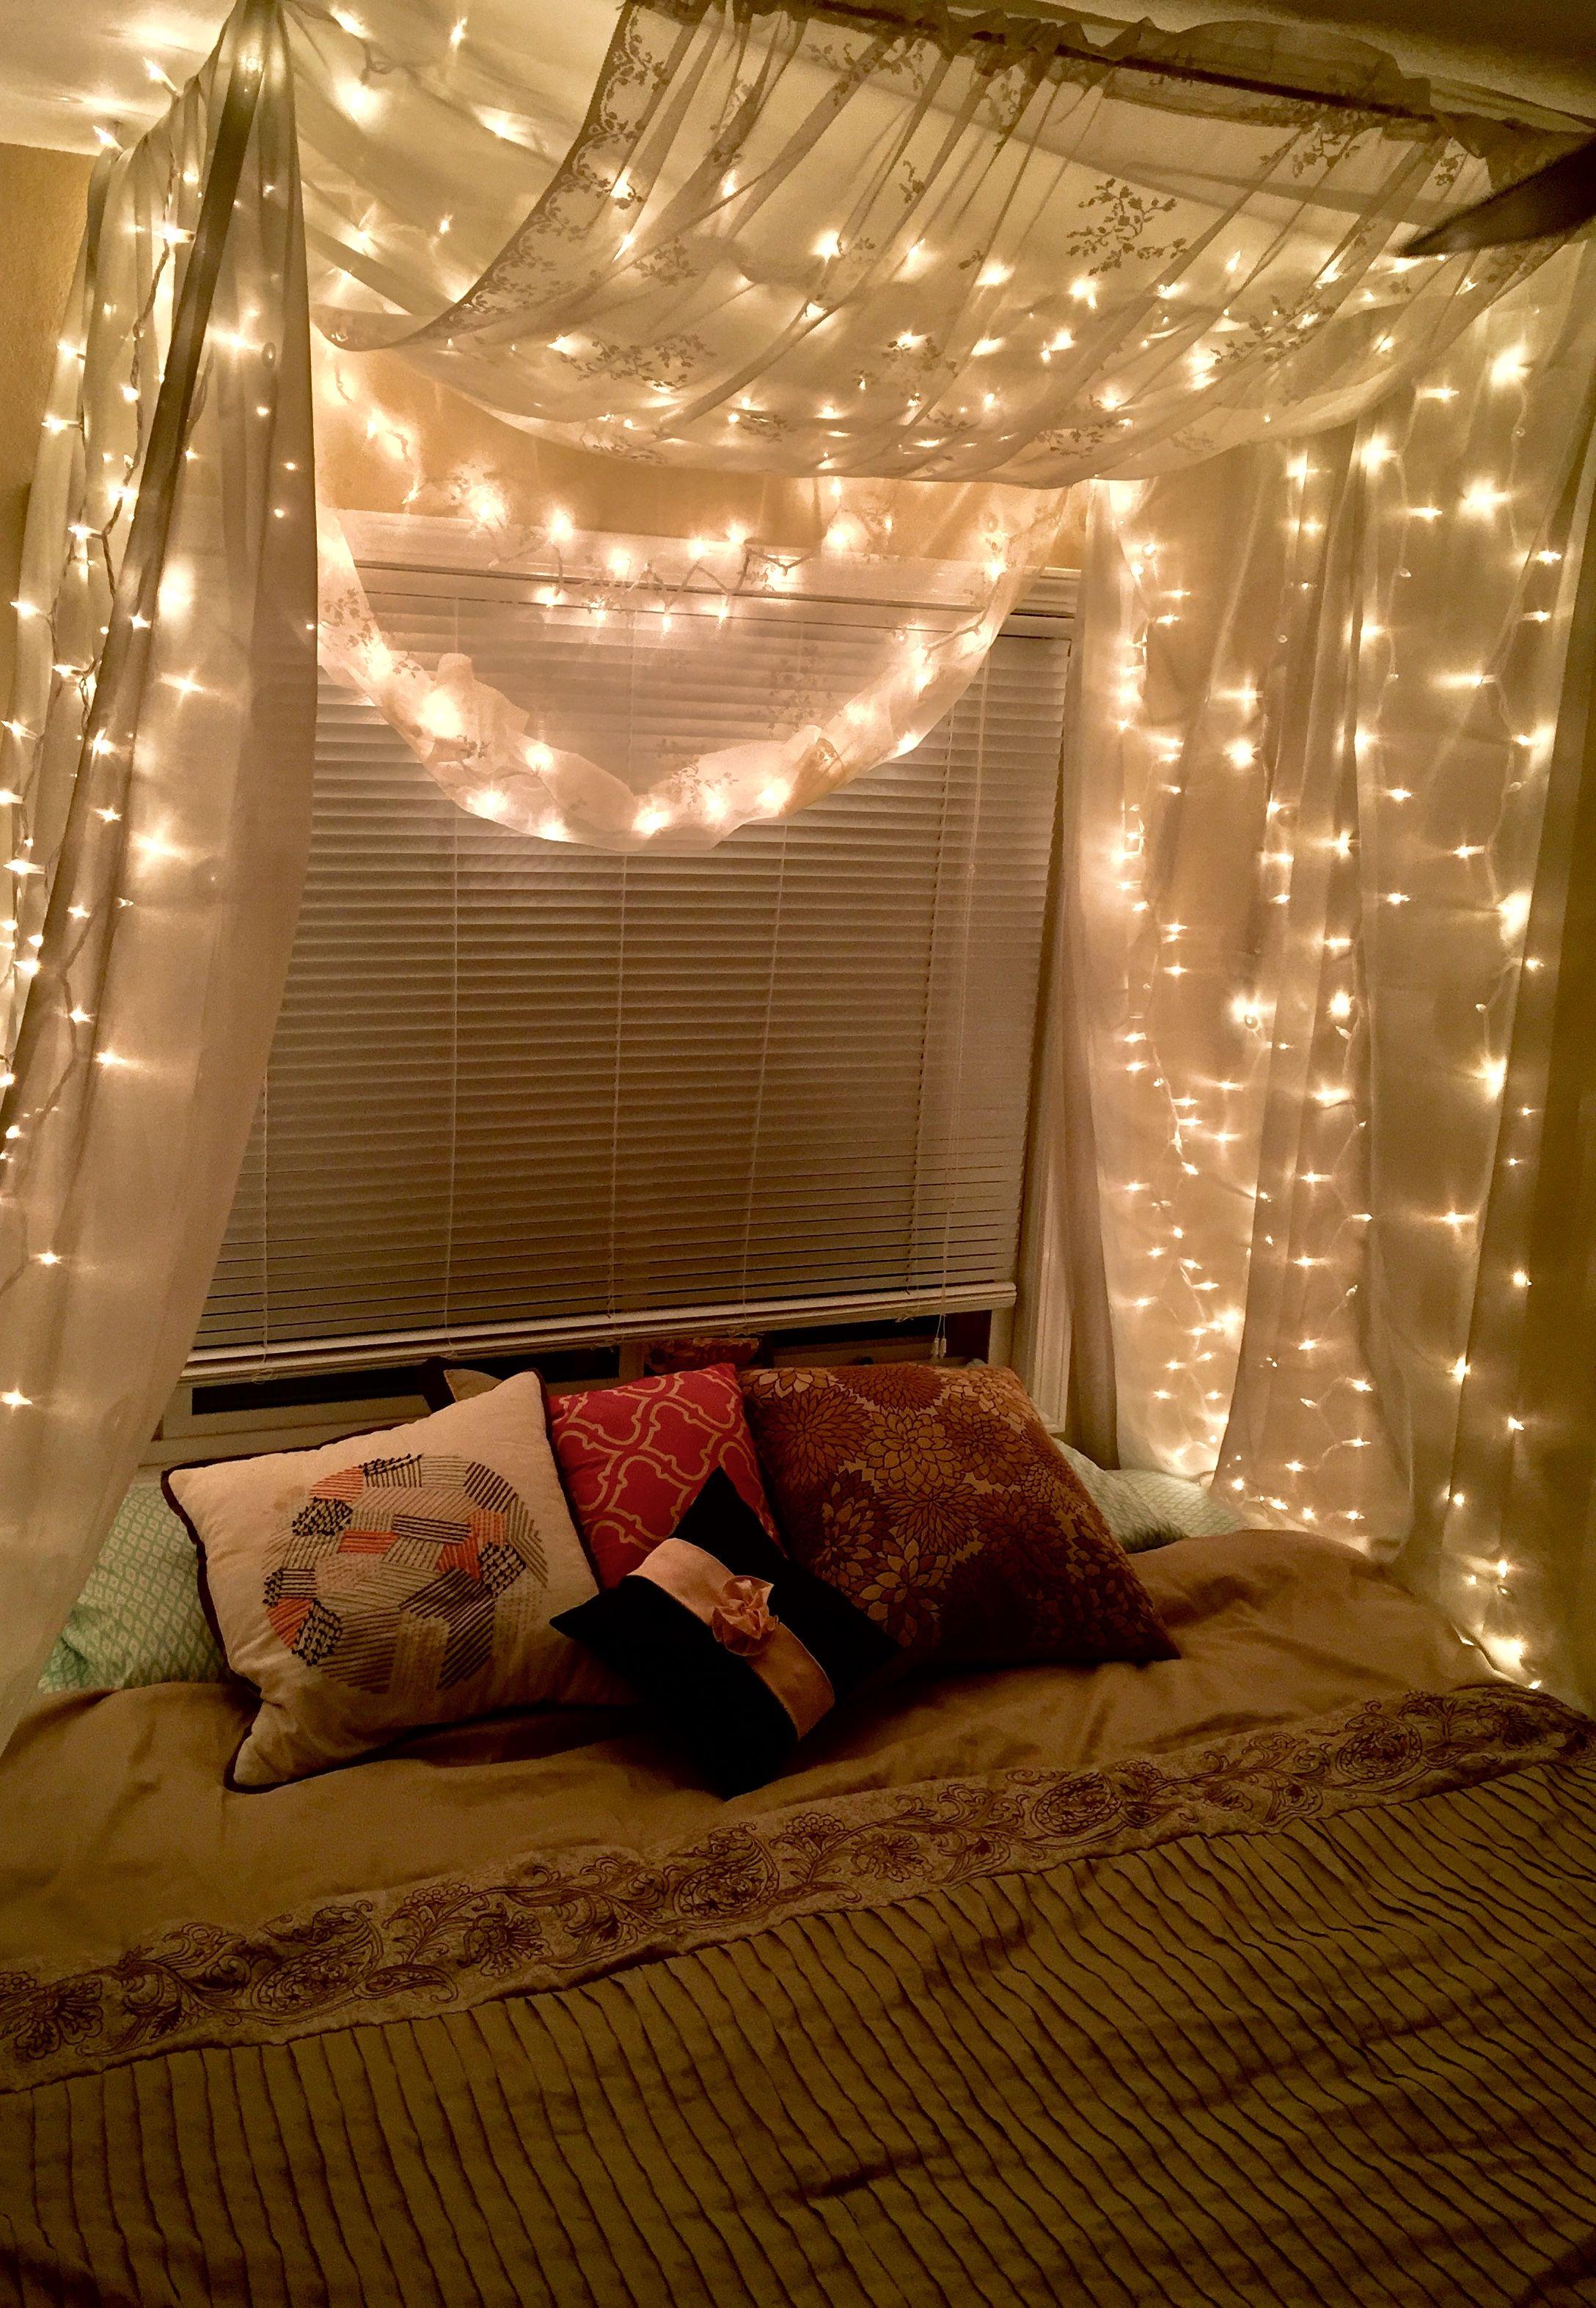 Canopy Bed Bedroom Decor Lights Aesthetic Bedroom Relaxing Bedroom